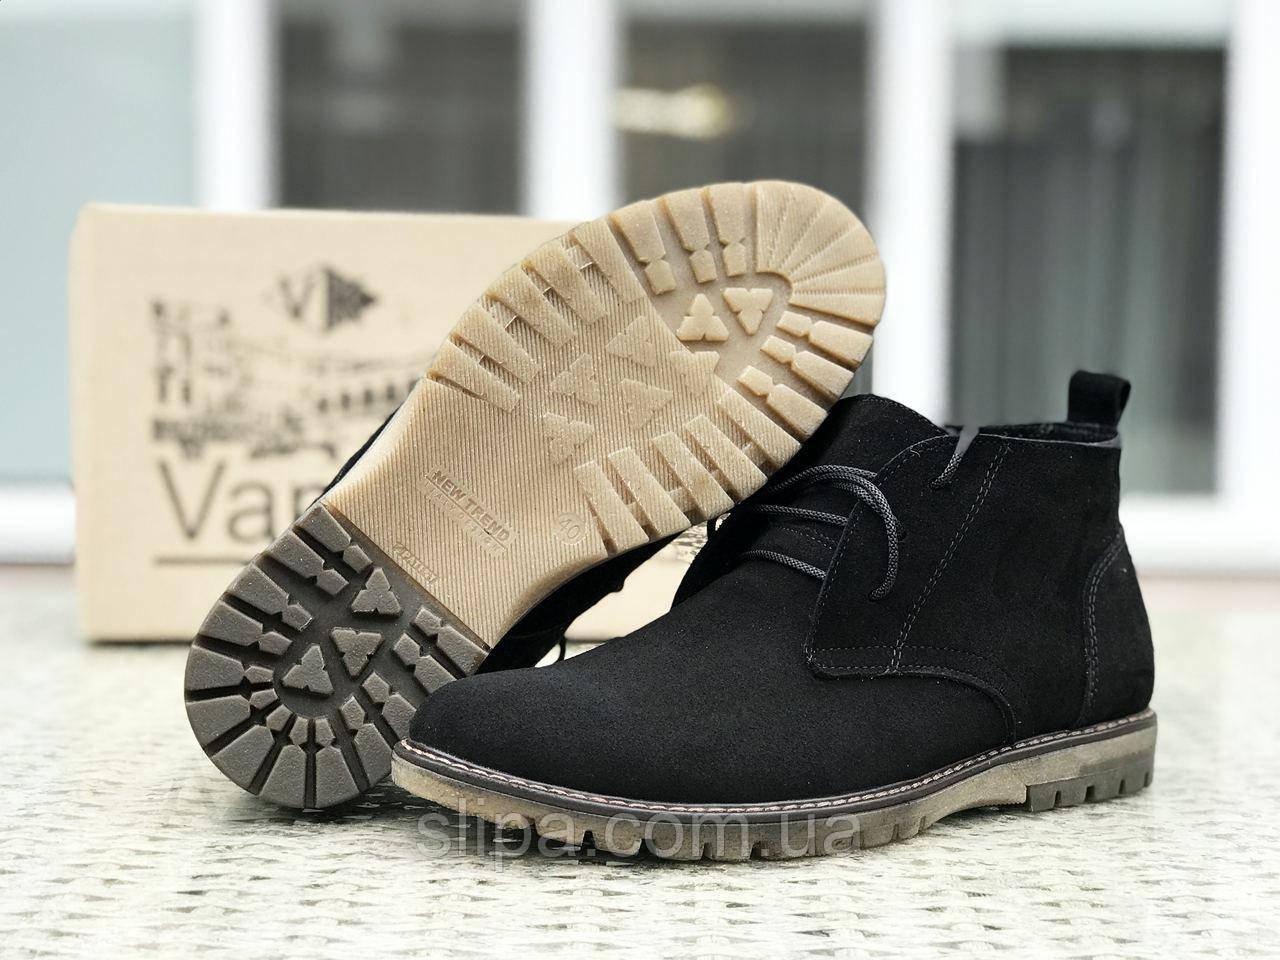 Чоловічі замшеві туфлі чорні Vankristi